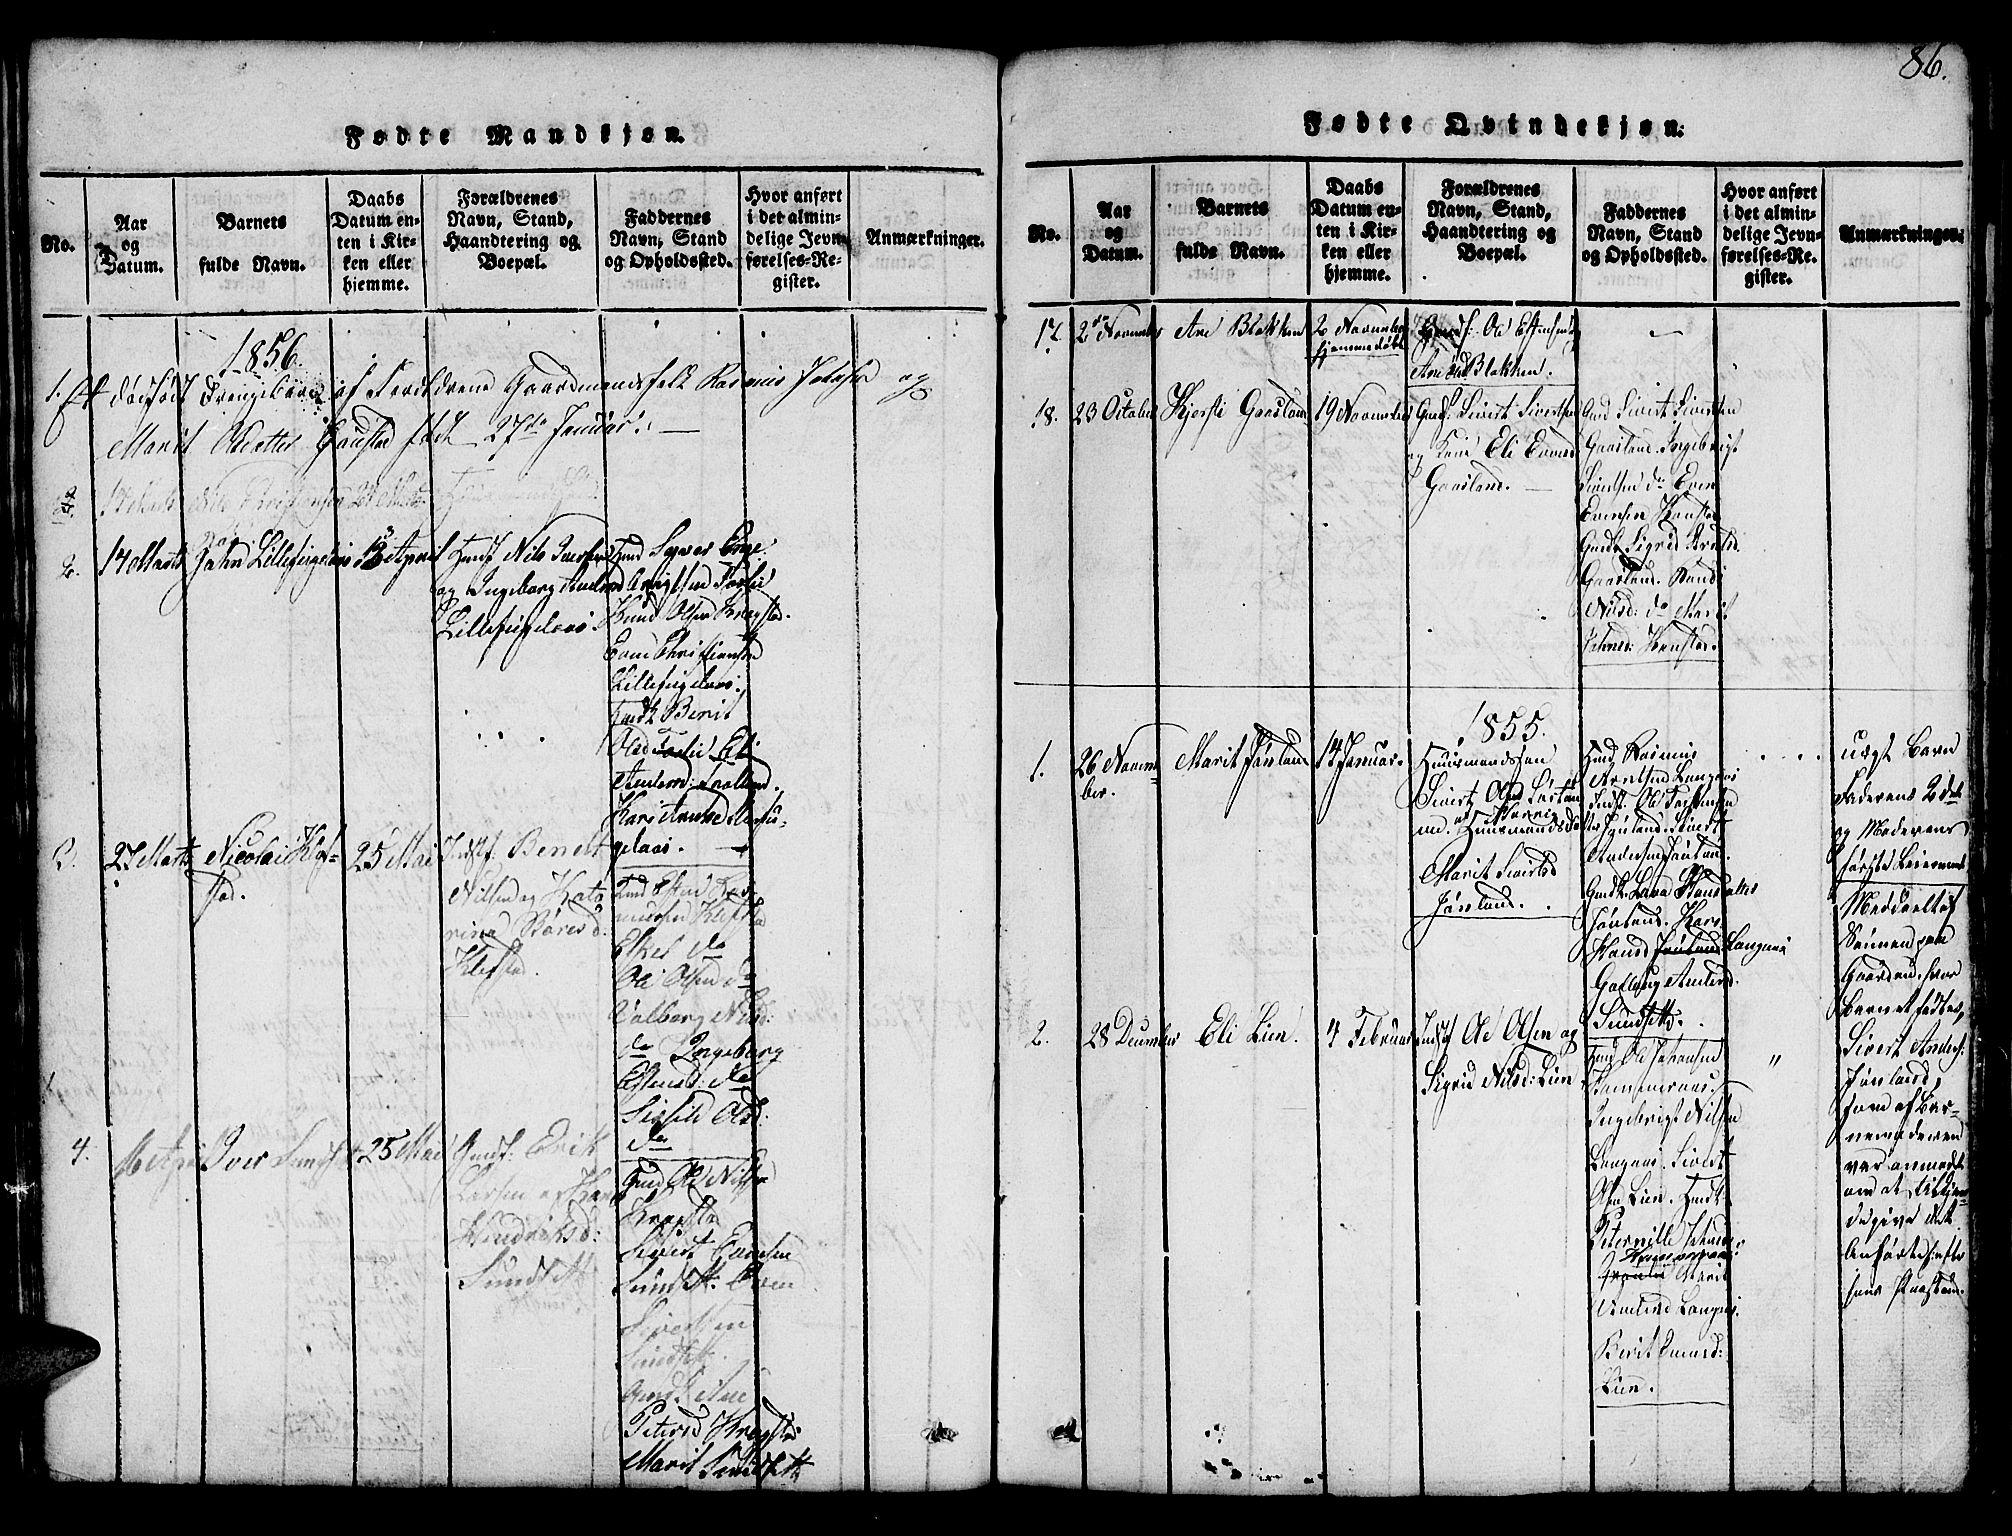 SAT, Ministerialprotokoller, klokkerbøker og fødselsregistre - Sør-Trøndelag, 694/L1130: Klokkerbok nr. 694C02, 1816-1857, s. 86